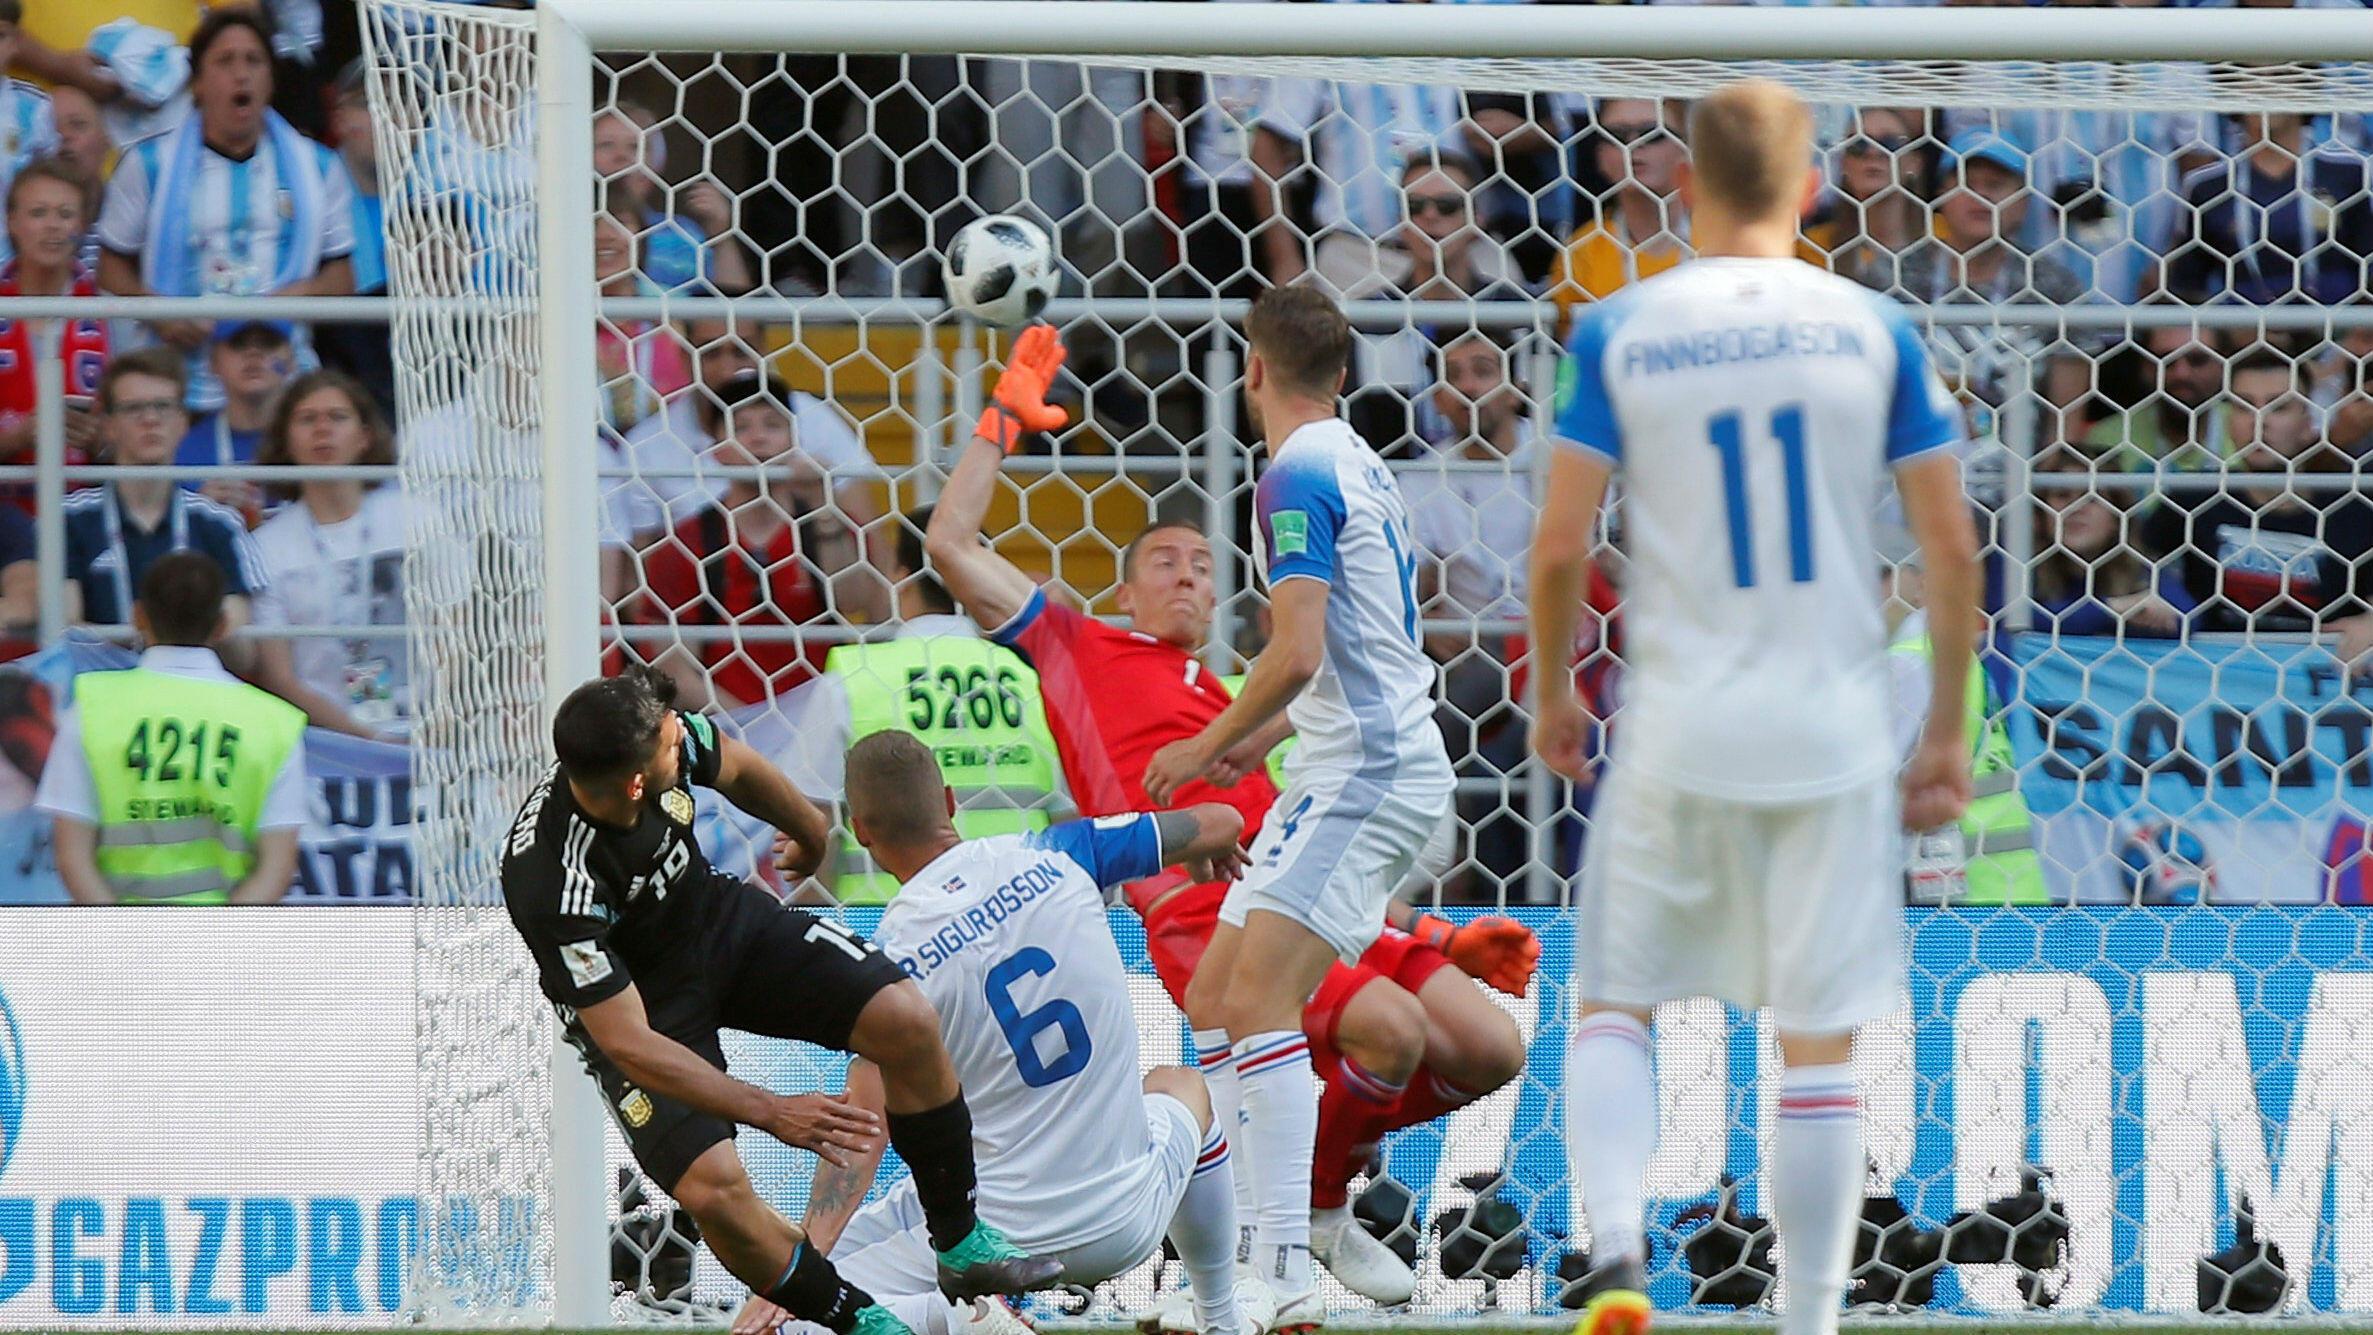 En el minuto 19, Sergio Agüero anotó el primer y único gol de Argentina.